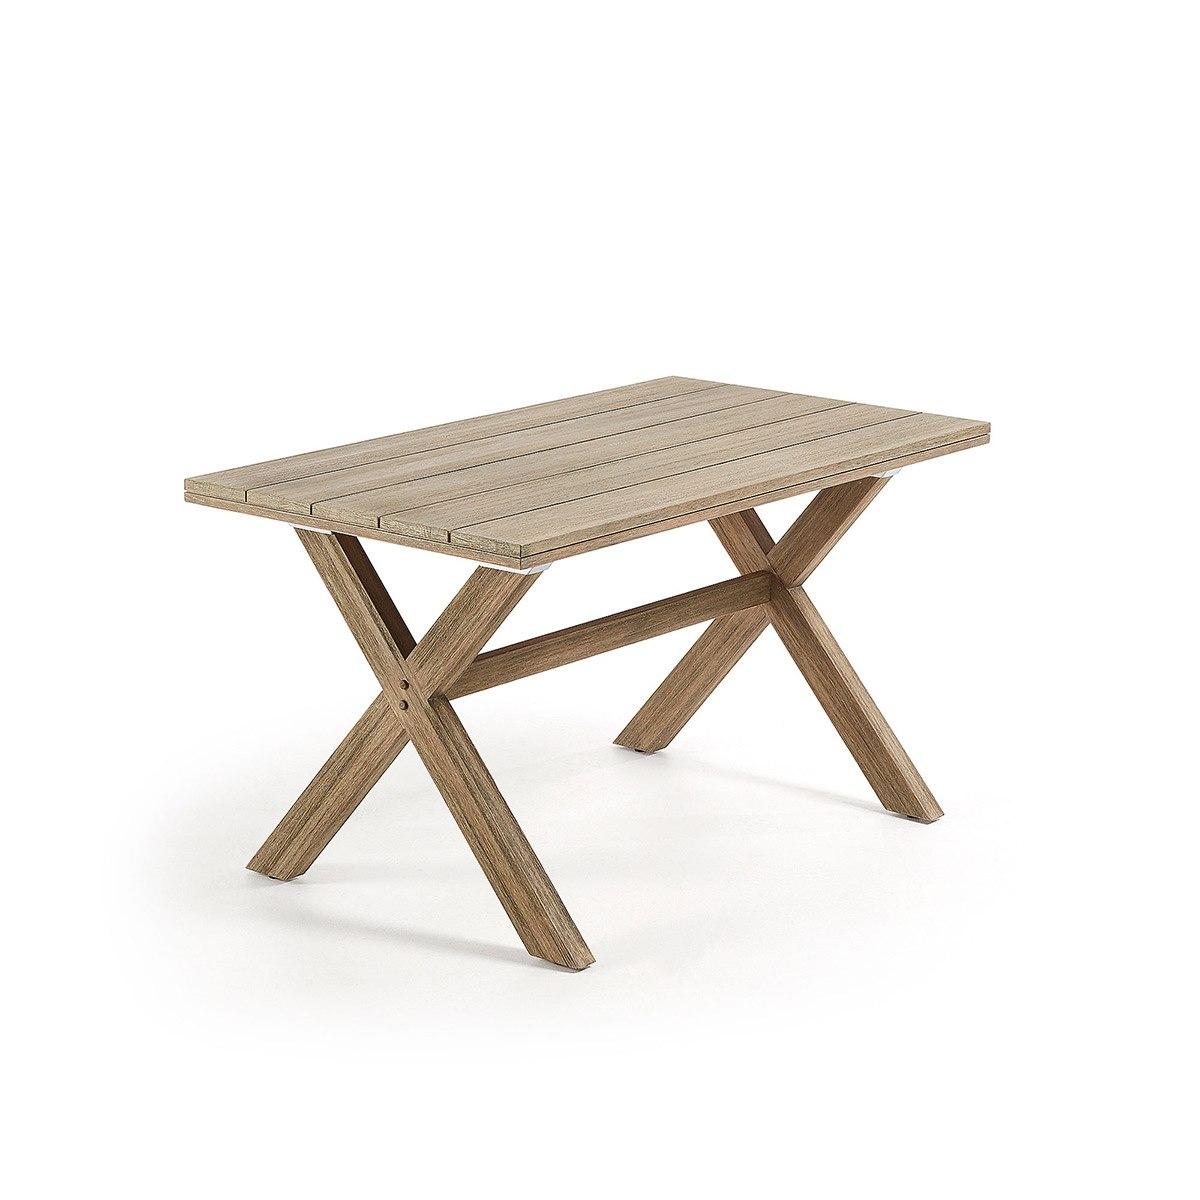 Mesa de madera maciza de eucalipto - Artikalia - Mesas de madera